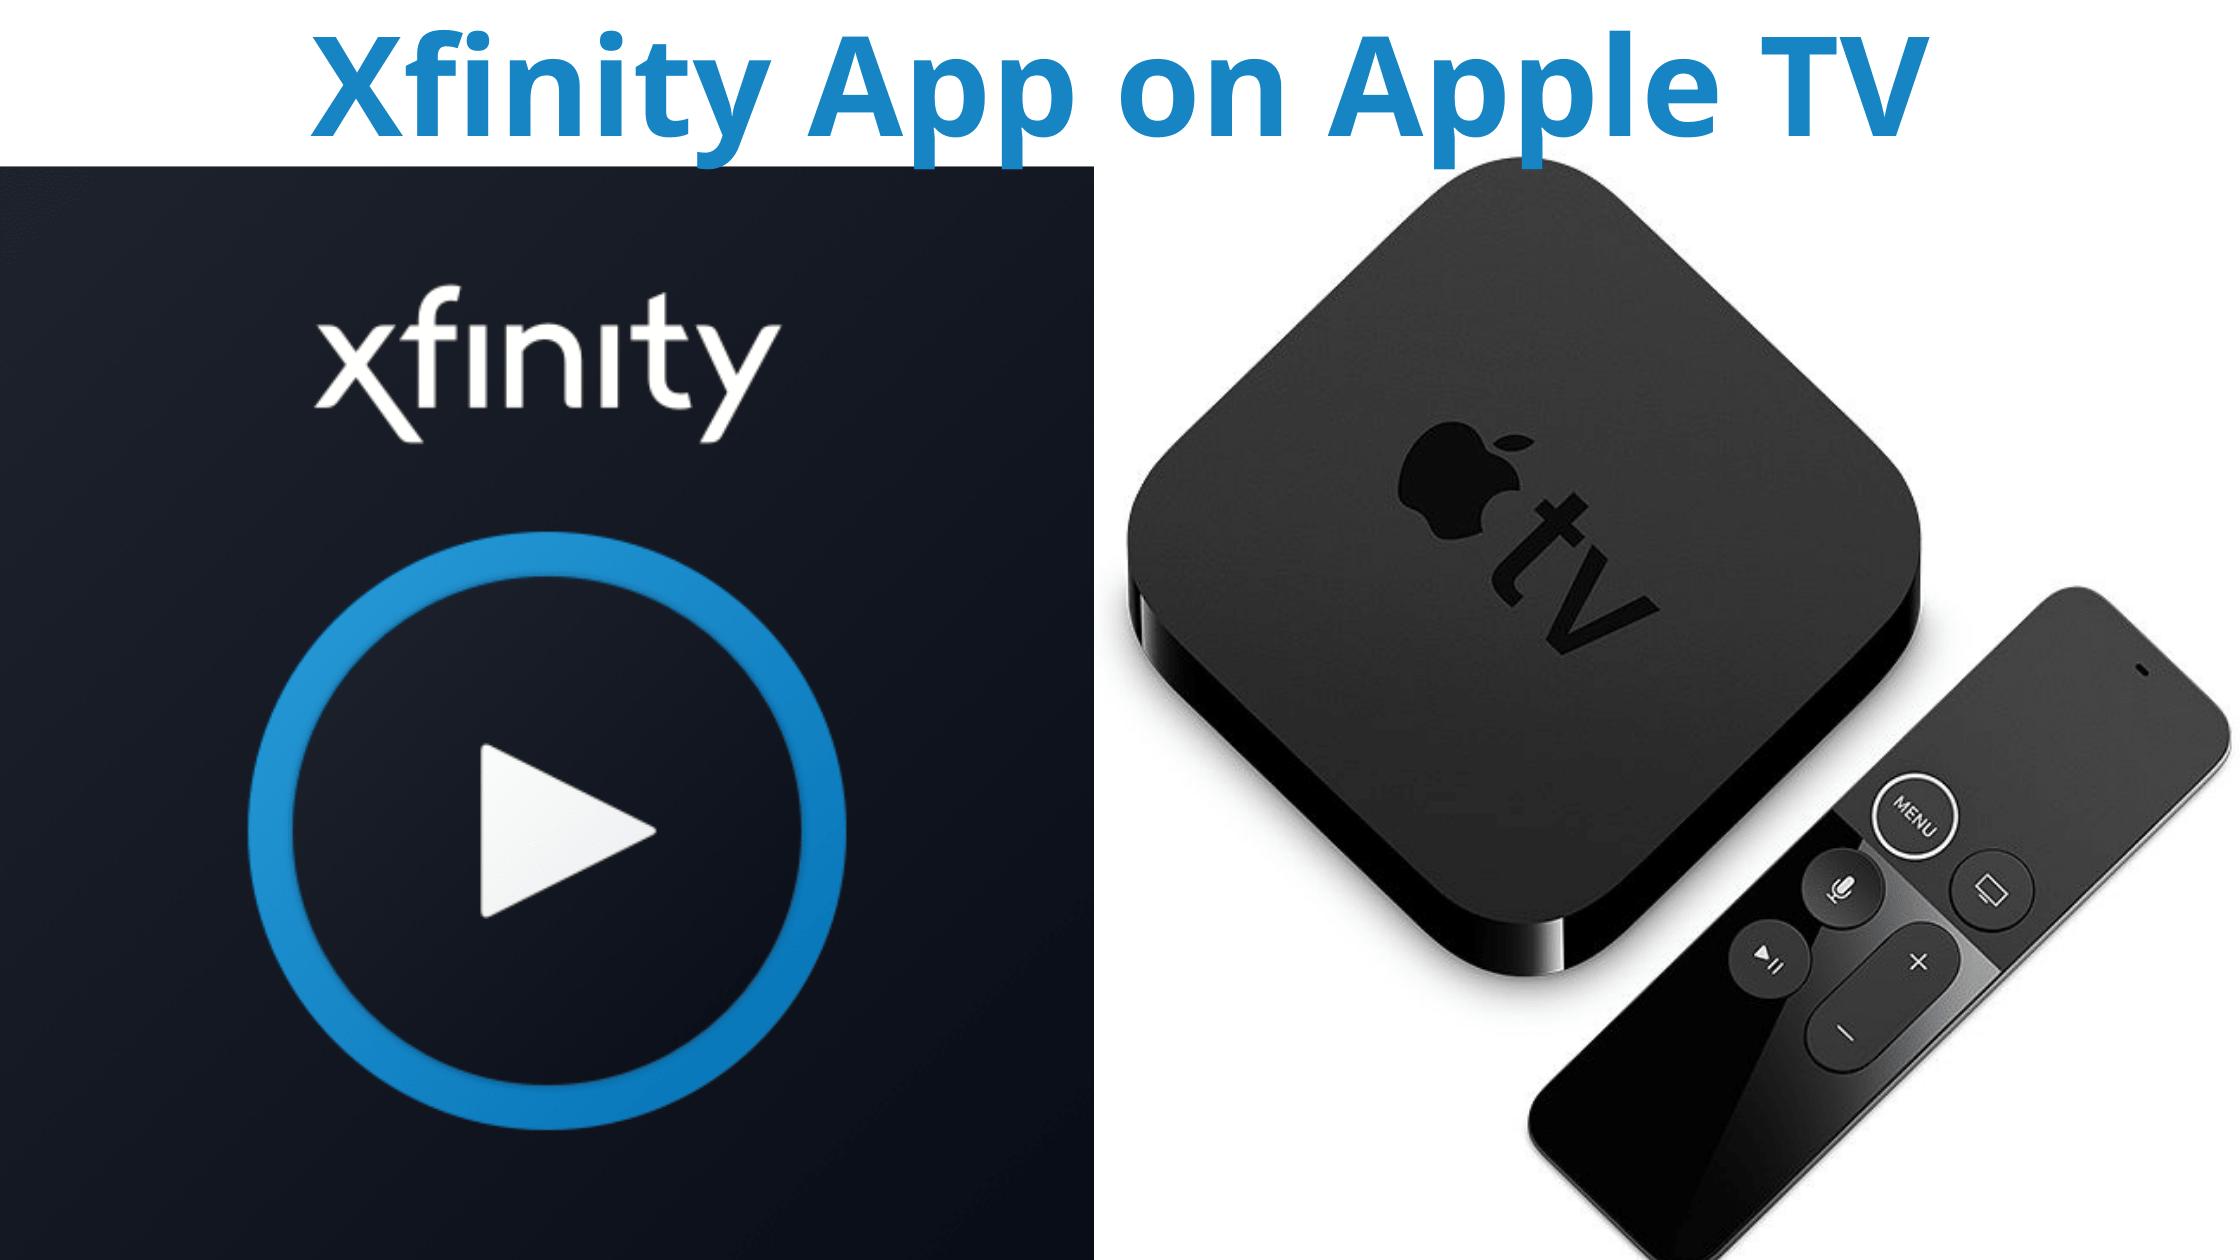 Xfinity App on Apple TV